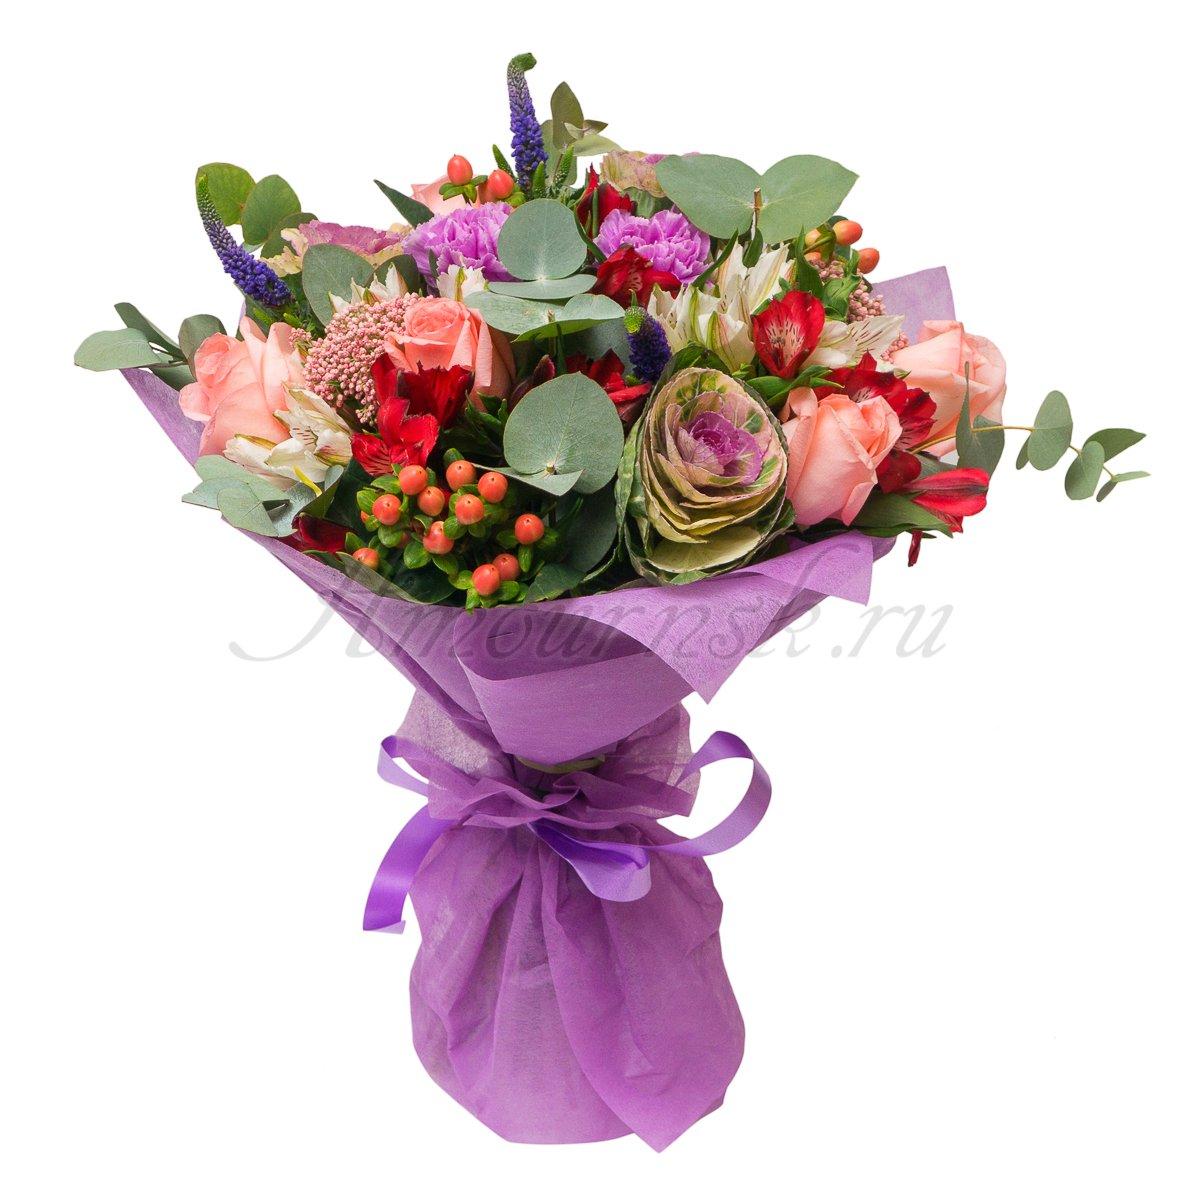 Службе доставки цветов знают, как преподнести любой цветок купить кобуру для грозы р-04с